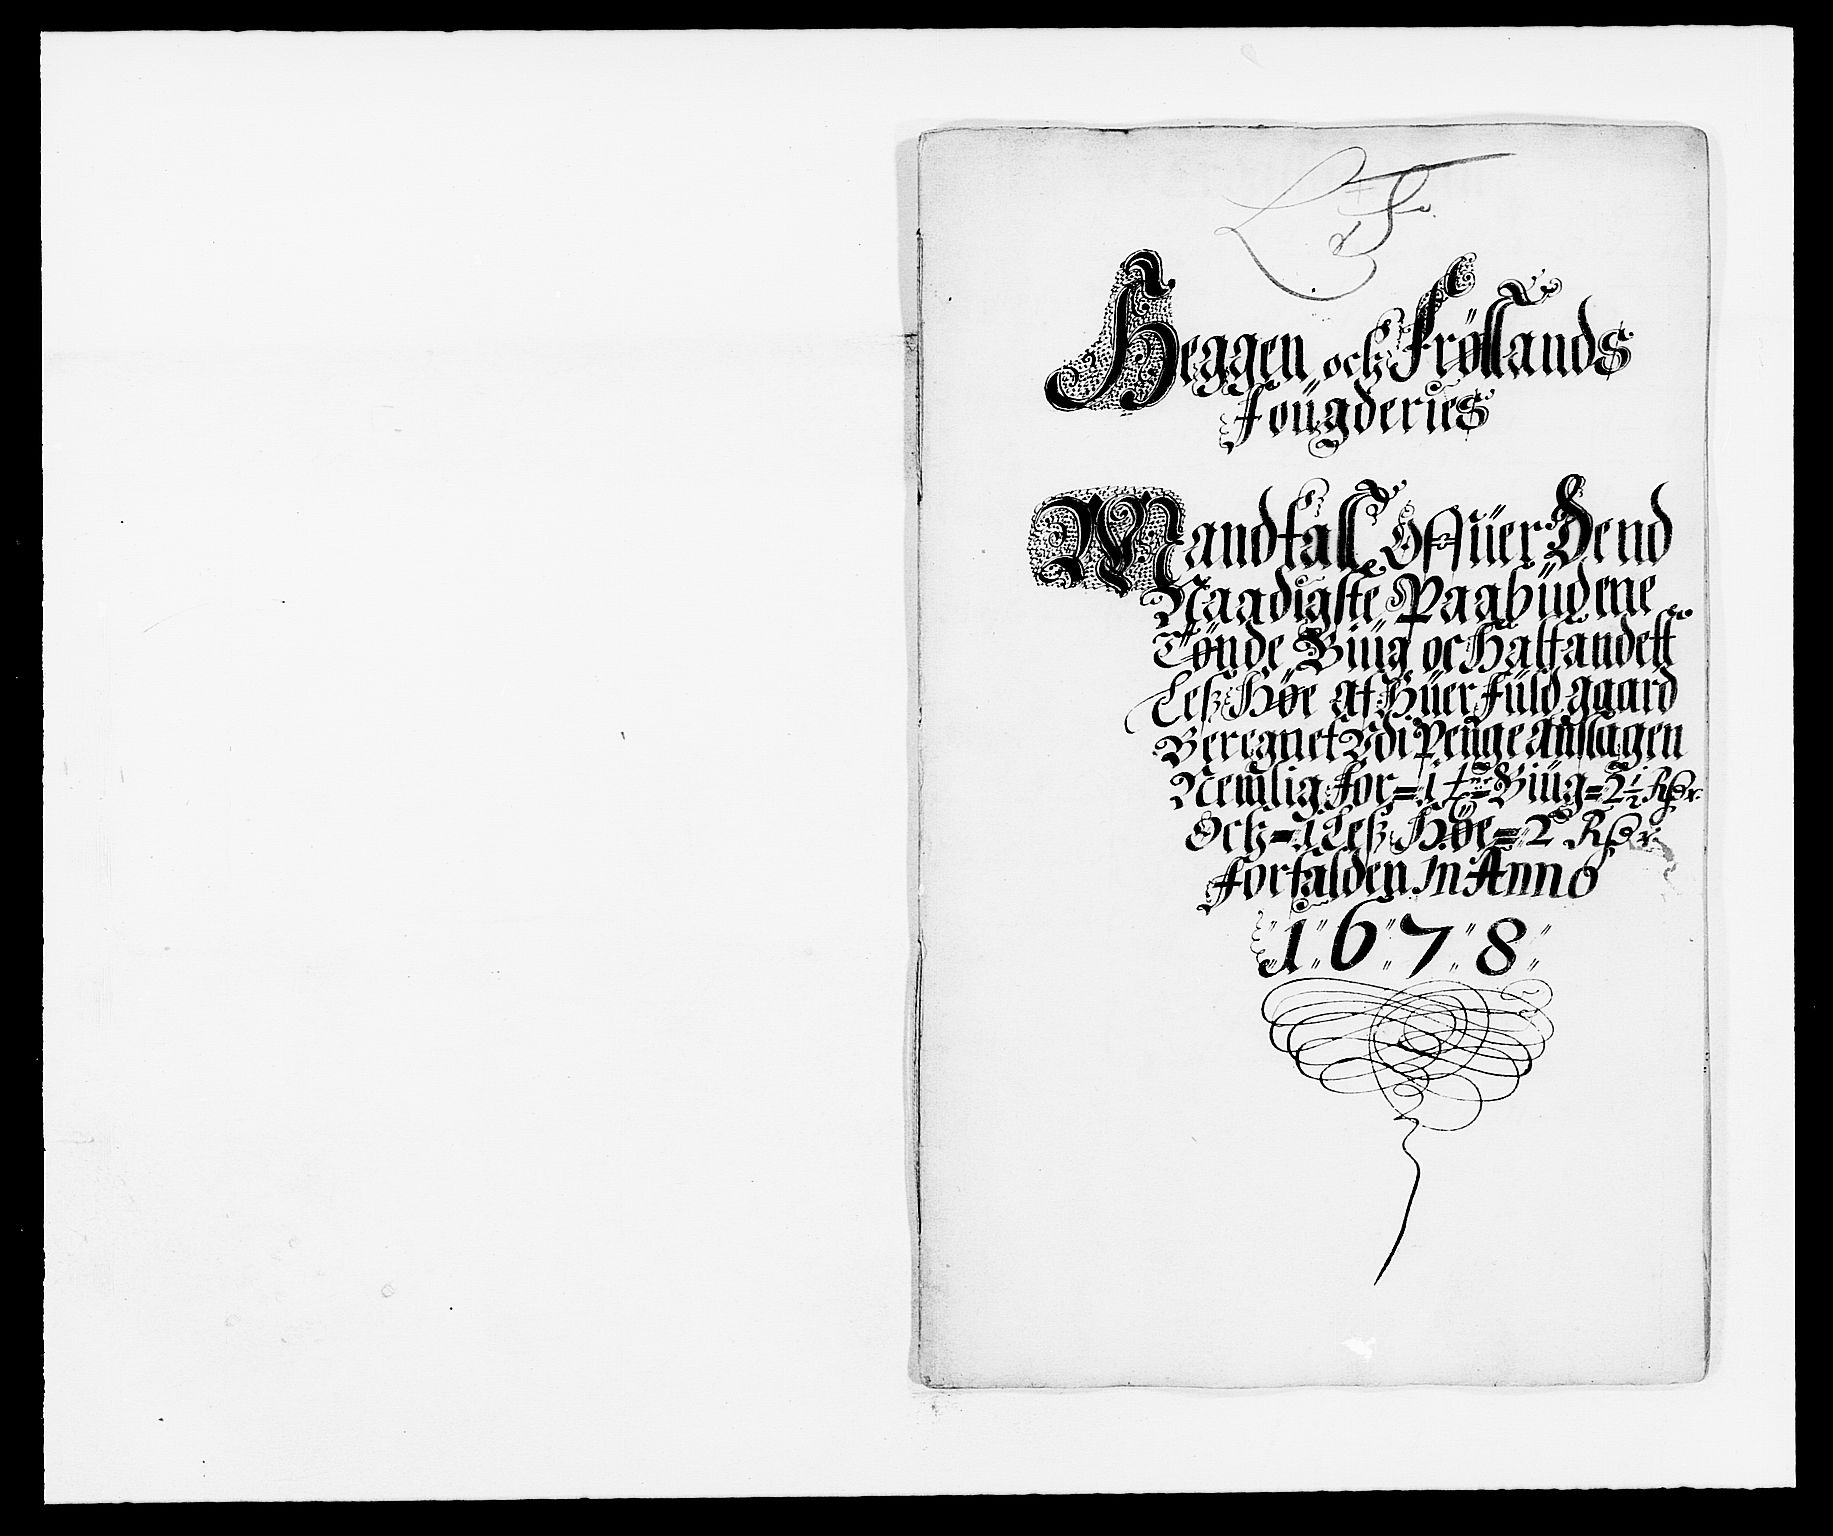 RA, Rentekammeret inntil 1814, Reviderte regnskaper, Fogderegnskap, R06/L0279: Fogderegnskap Heggen og Frøland, 1678-1680, s. 143